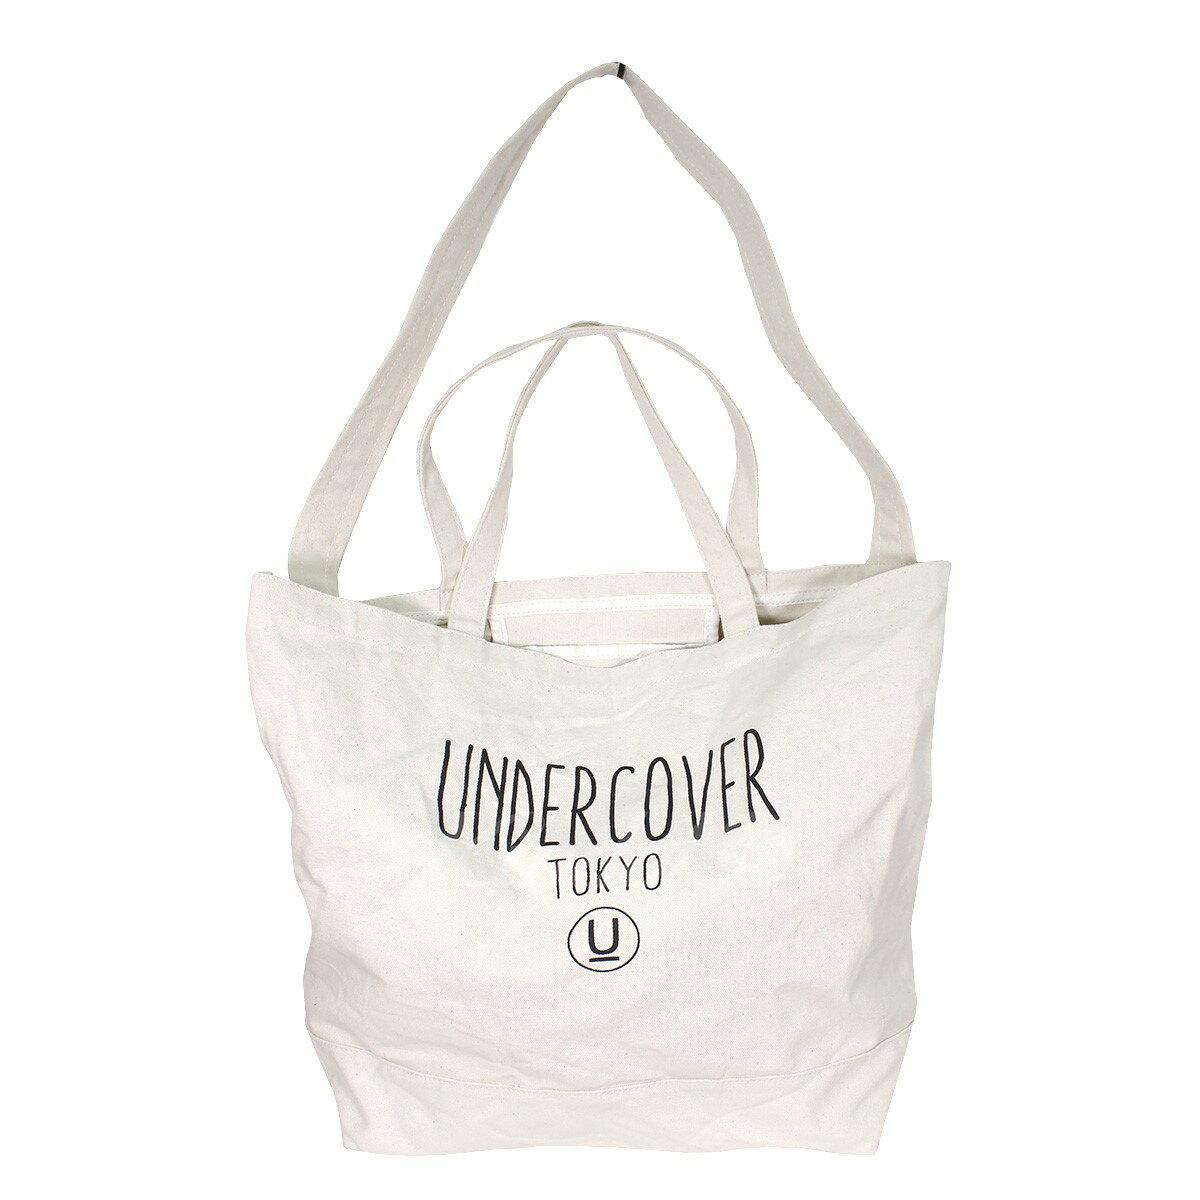 【中古】UNDER COVER 2Wayロゴショルダートートバッグ ナチュラル サイズ:- 【送料無料】 【181118】(アンダーカバー)